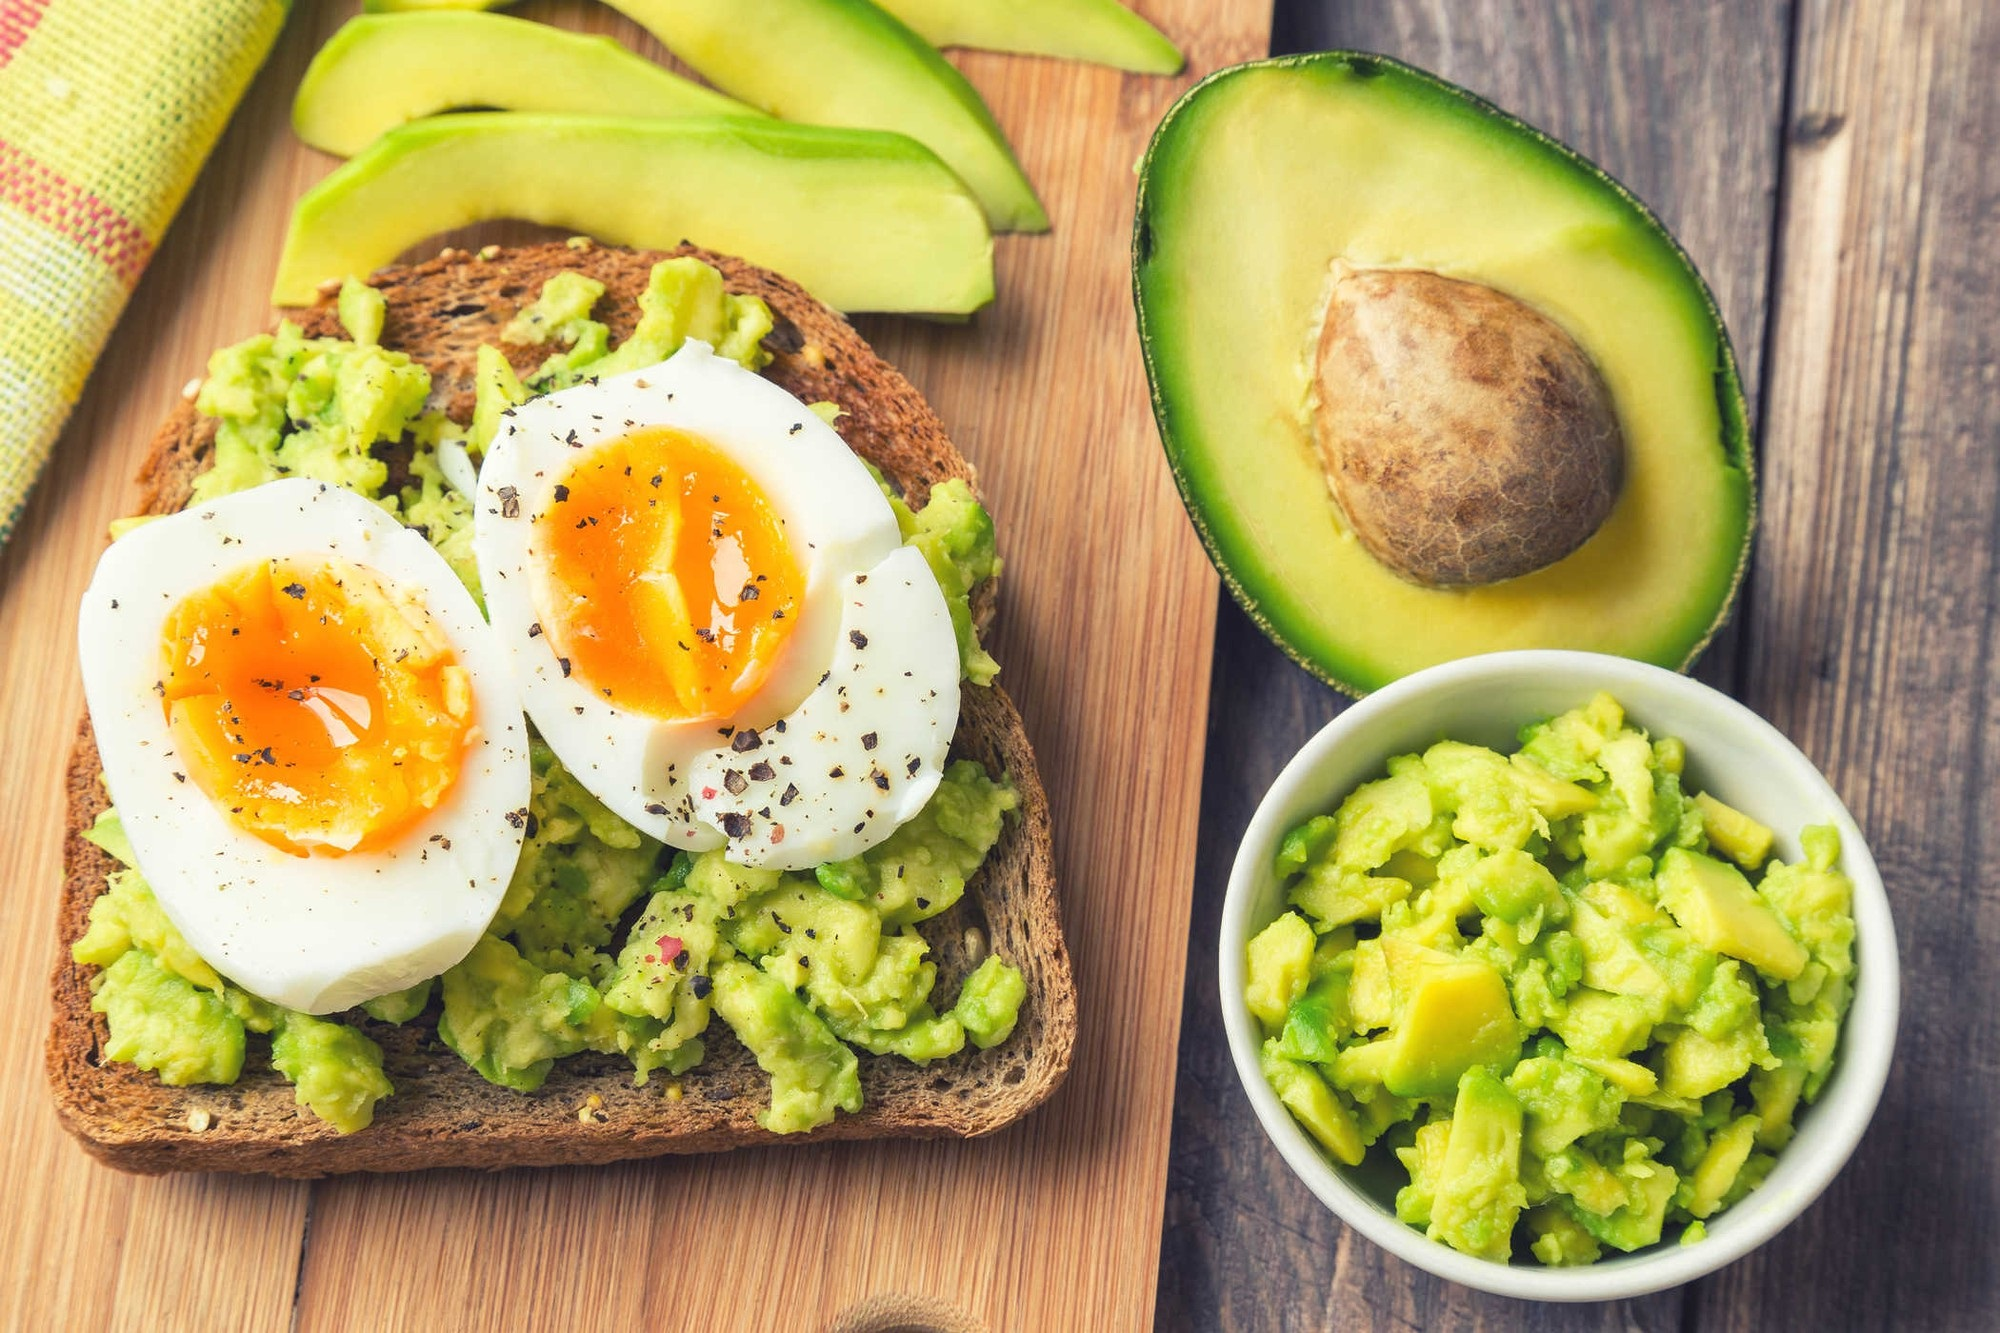 Không bao giờ bỏ bữa sáng - chính là bí quyết giữ dáng, dưỡng da của các thiên thần nội y - Ảnh 6